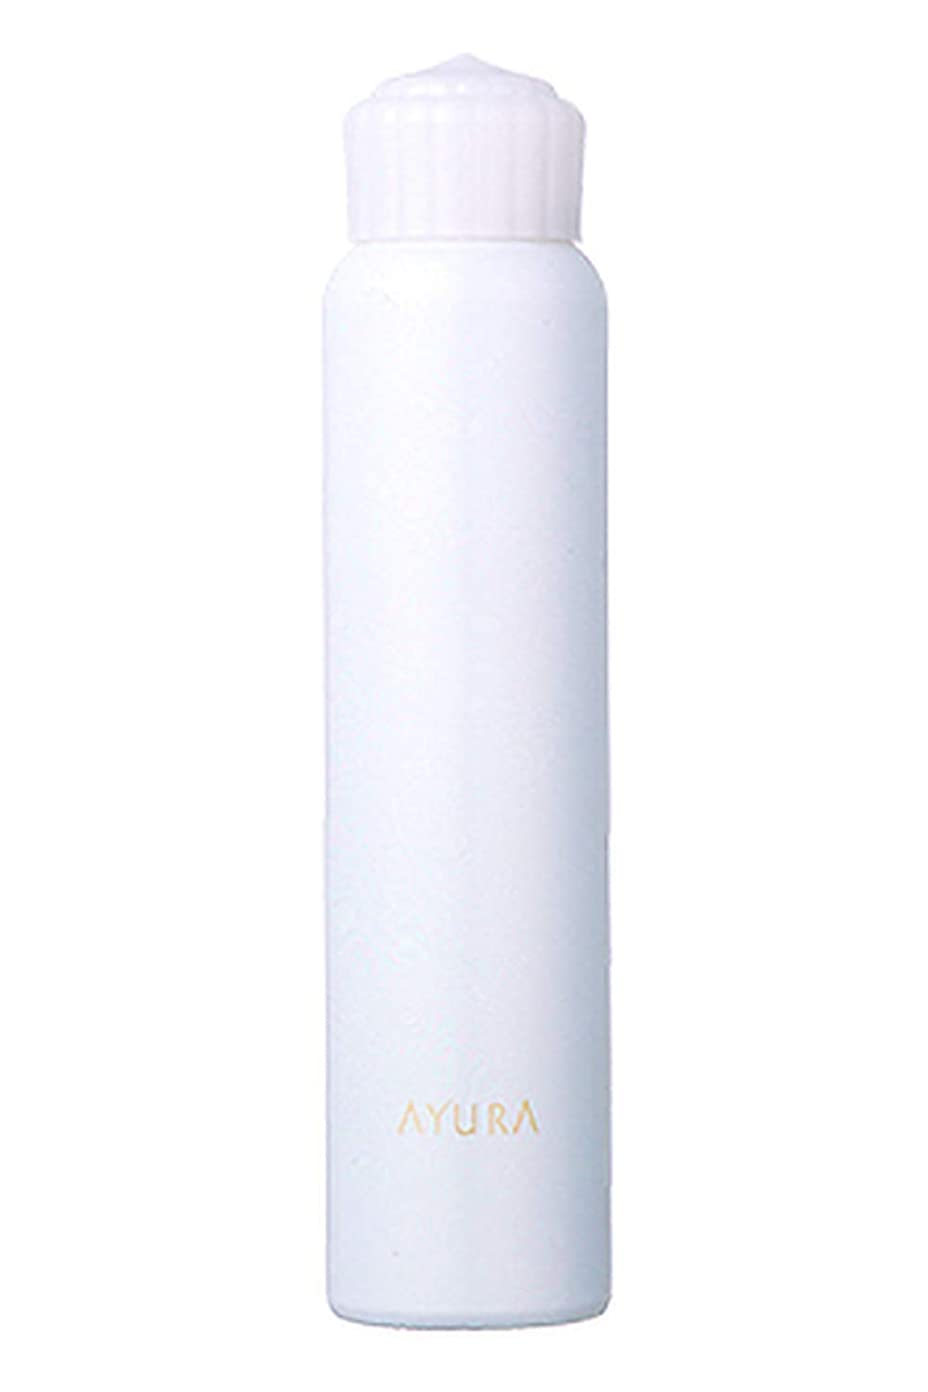 狐ネックレット受け入れアユーラ (AYURA) ホワイトニングマルチシャワー (医薬部外品) <フェース?ボディー用化粧水> 125g